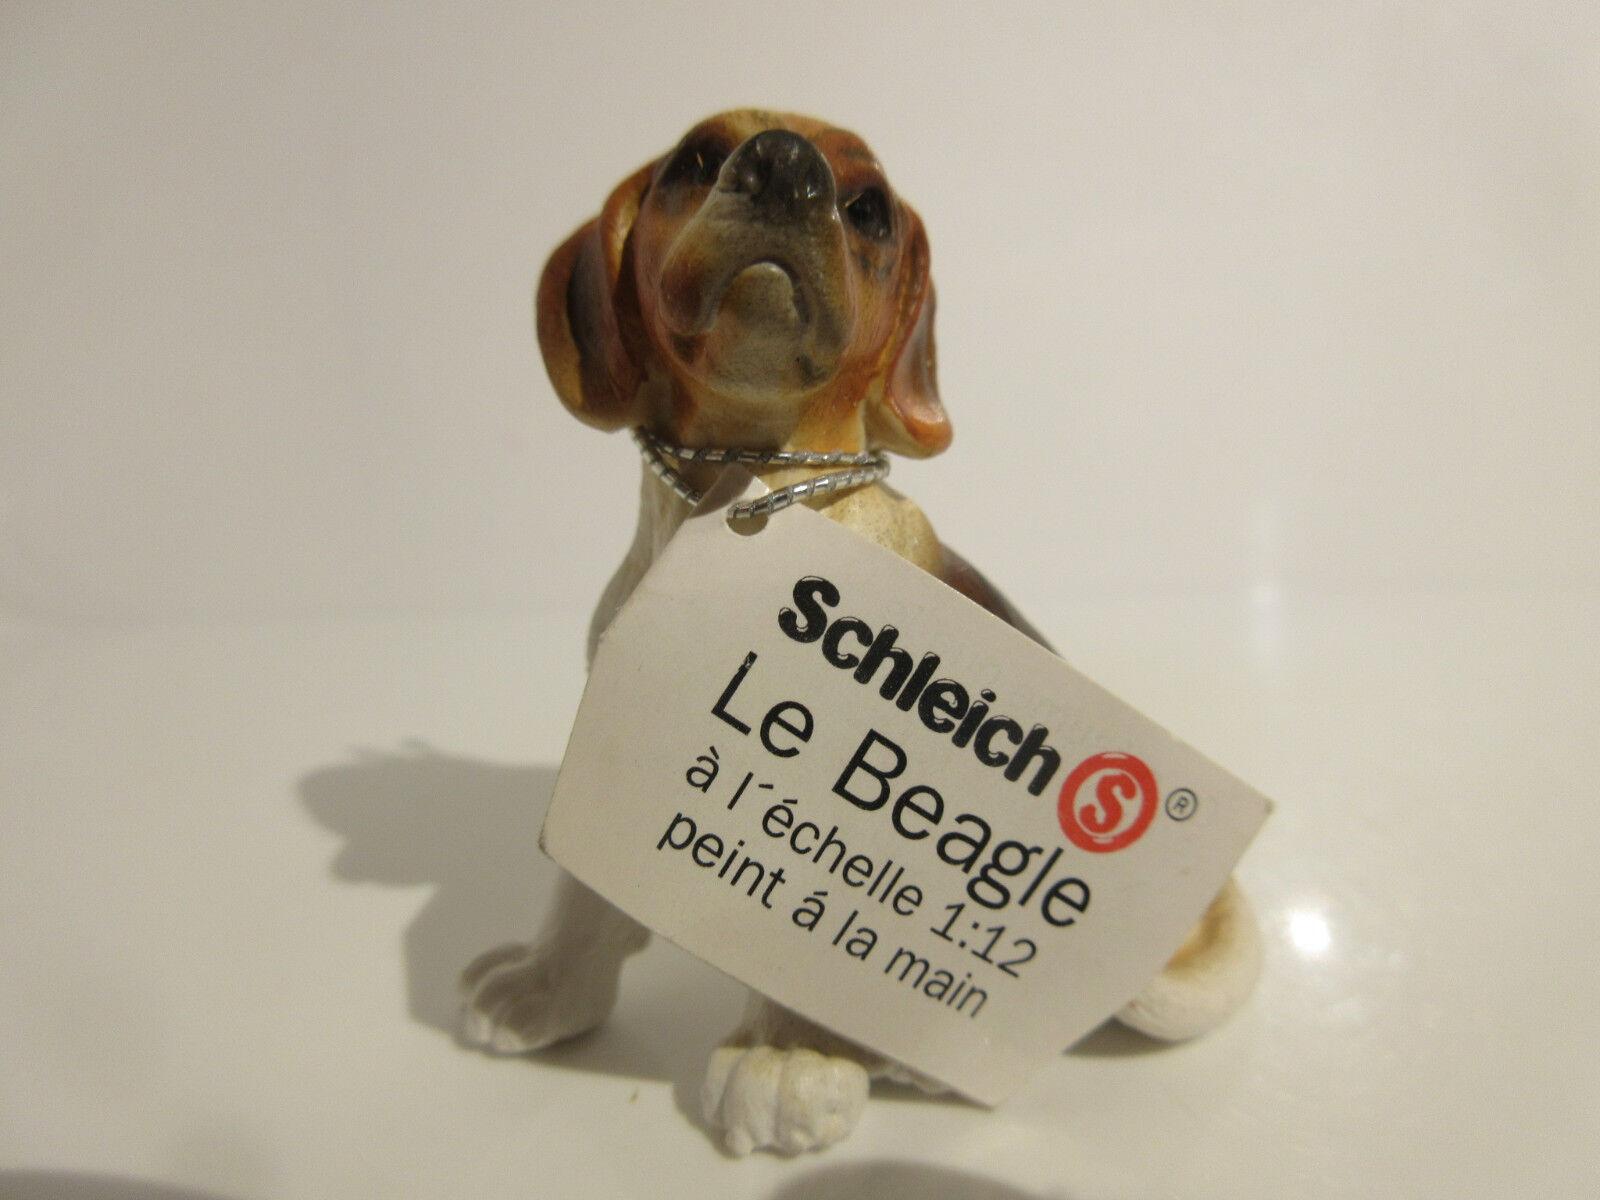 16302 Schleich Dog  Beagle, sitting  booklet   ref 21P83